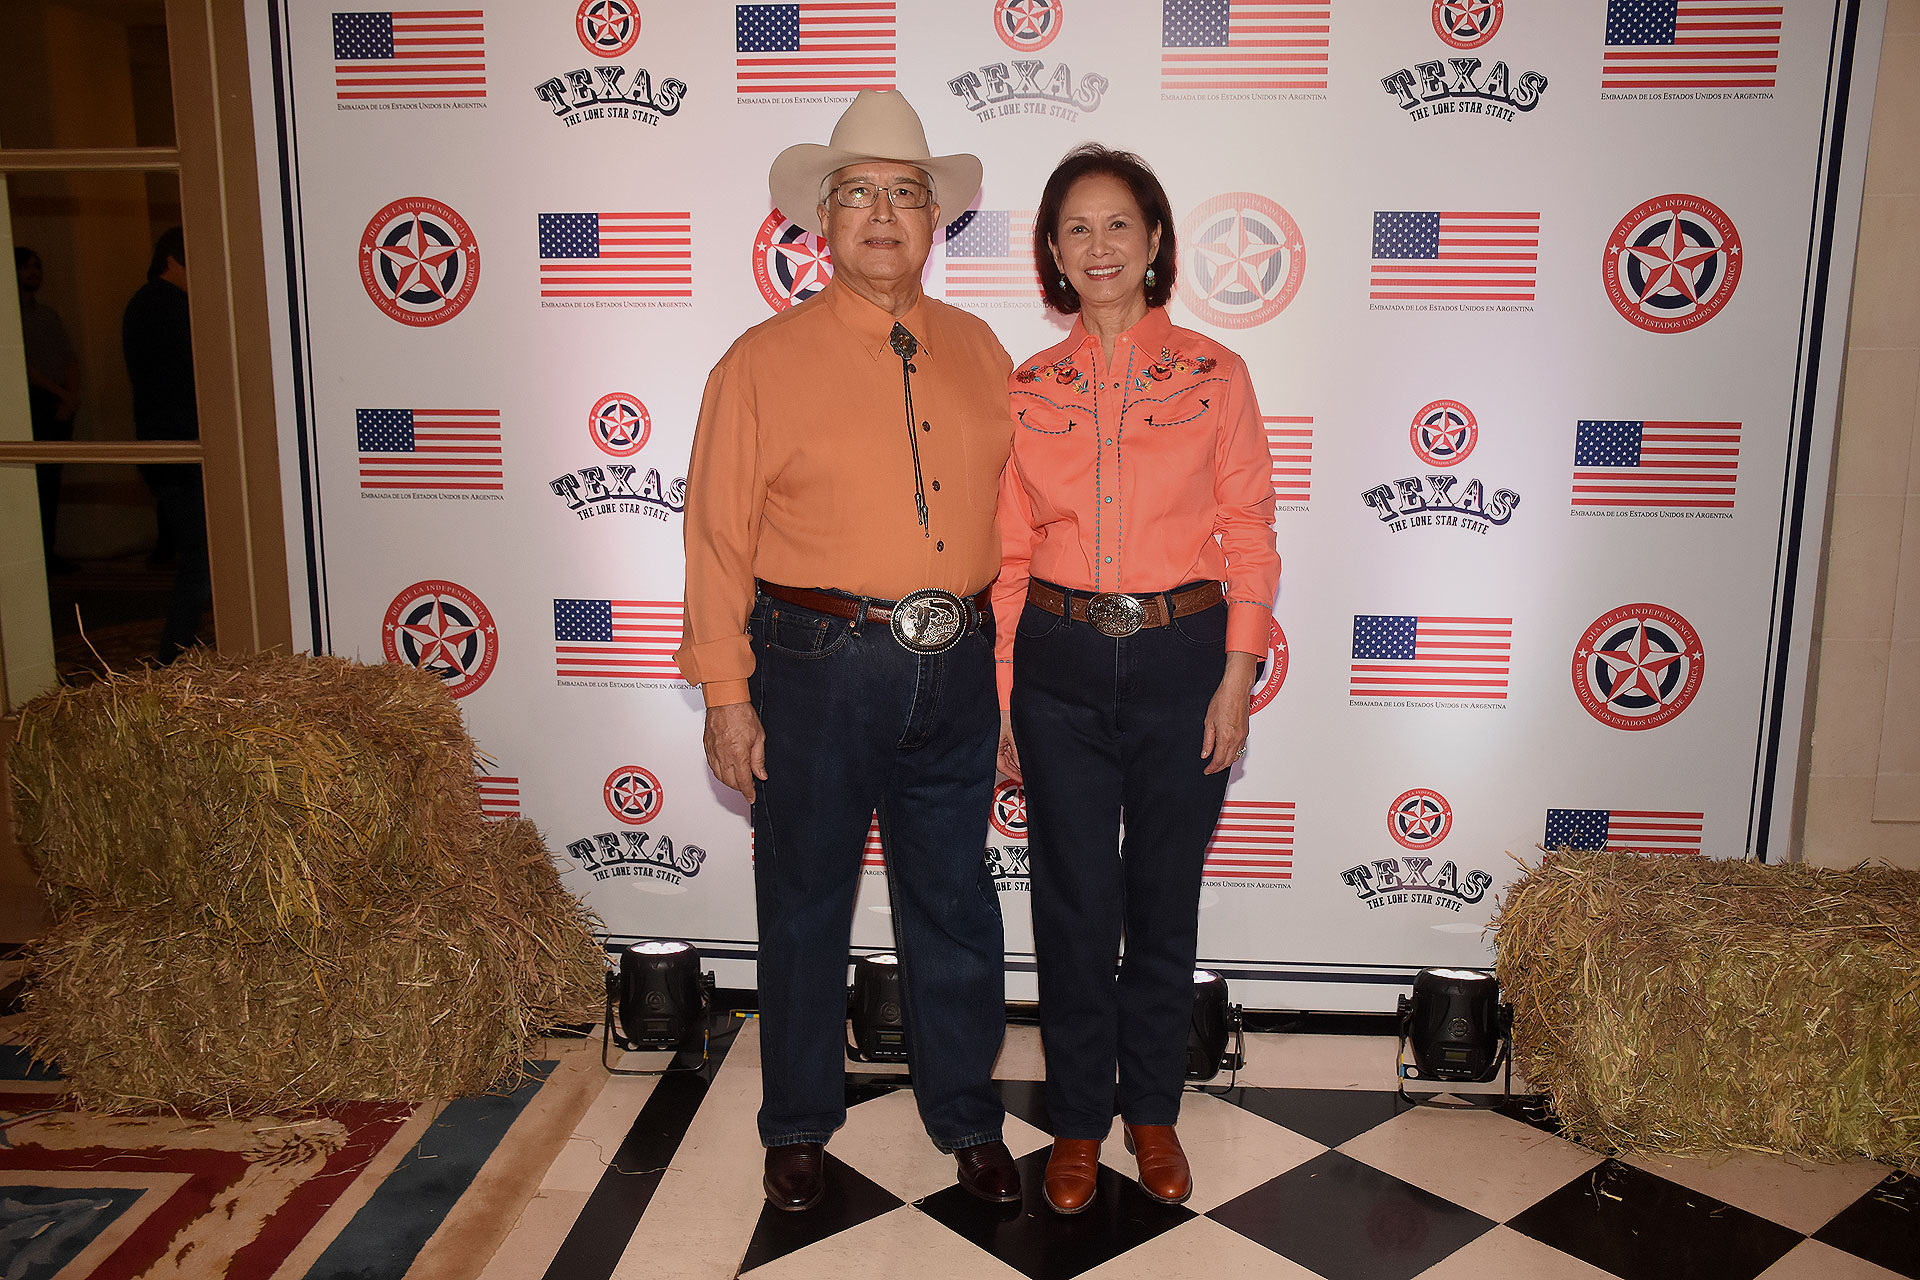 El embajador de los Estados Unidos en la Argentina, Edward C. Prado, y su mujer María recibieron a los invitados en el Palacio Bosch para festejar el tradicional 4 de julio (Fotos: Nicolás Stulberg)